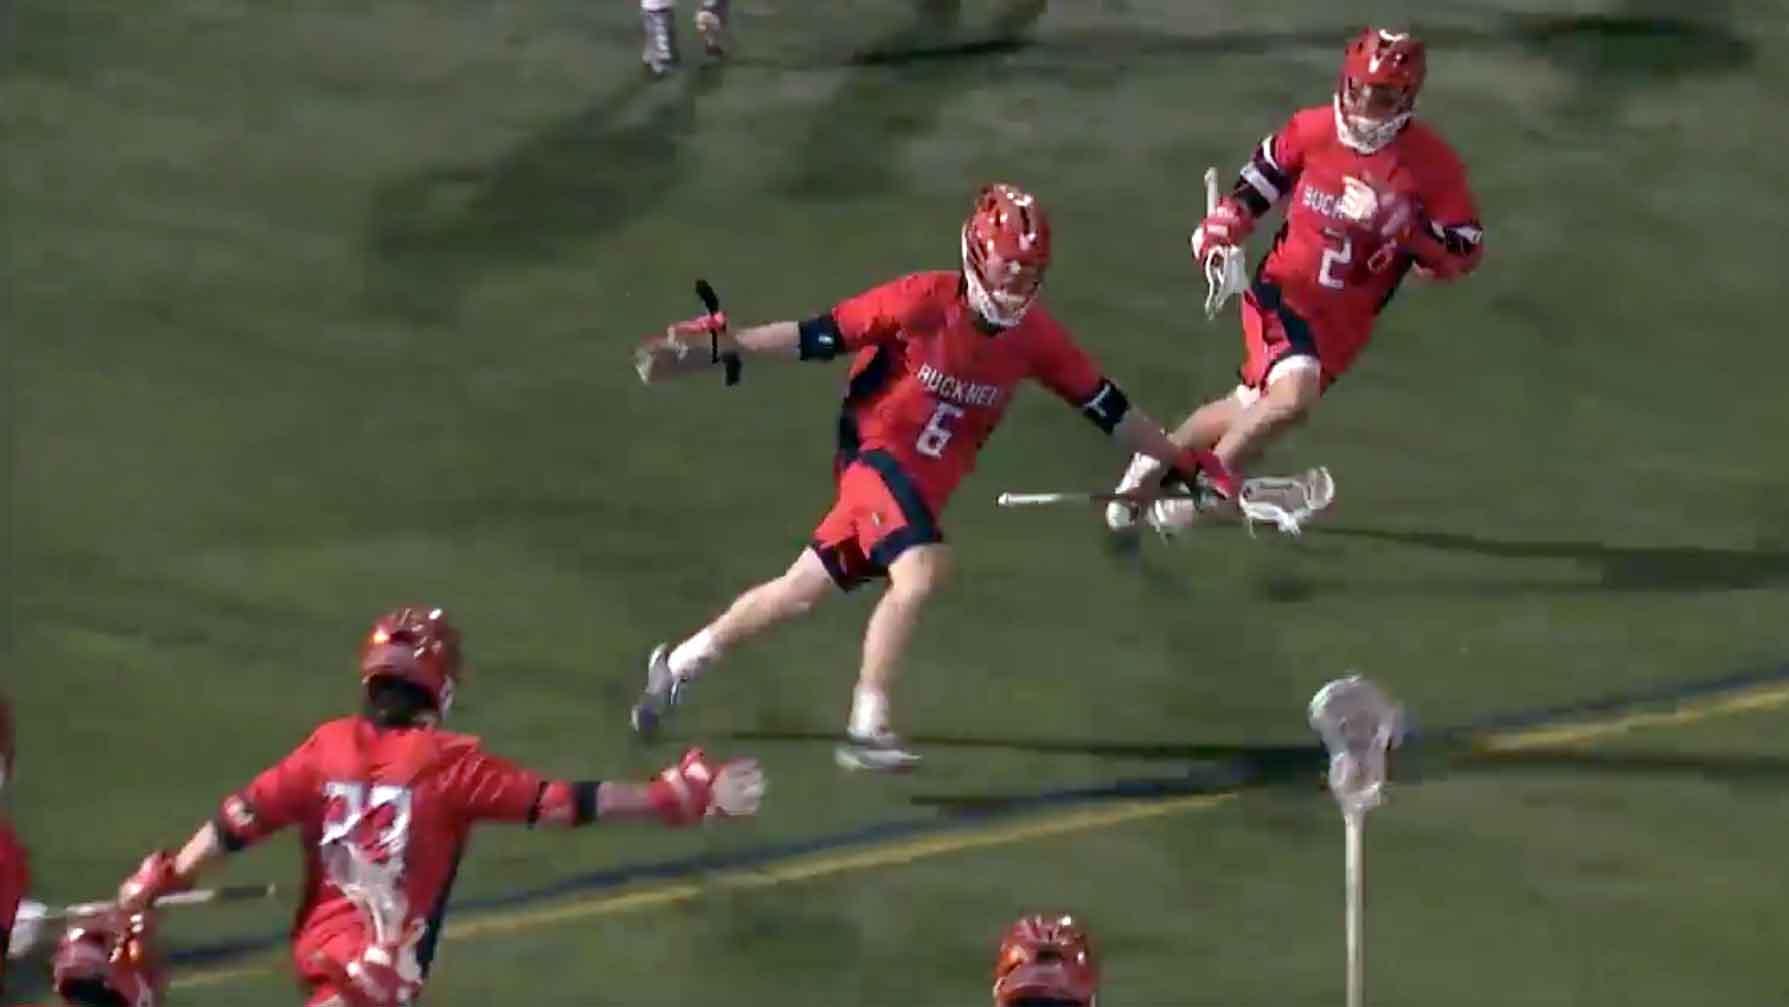 bucknell lacrosse ncaa d1 conference comparison patriot league